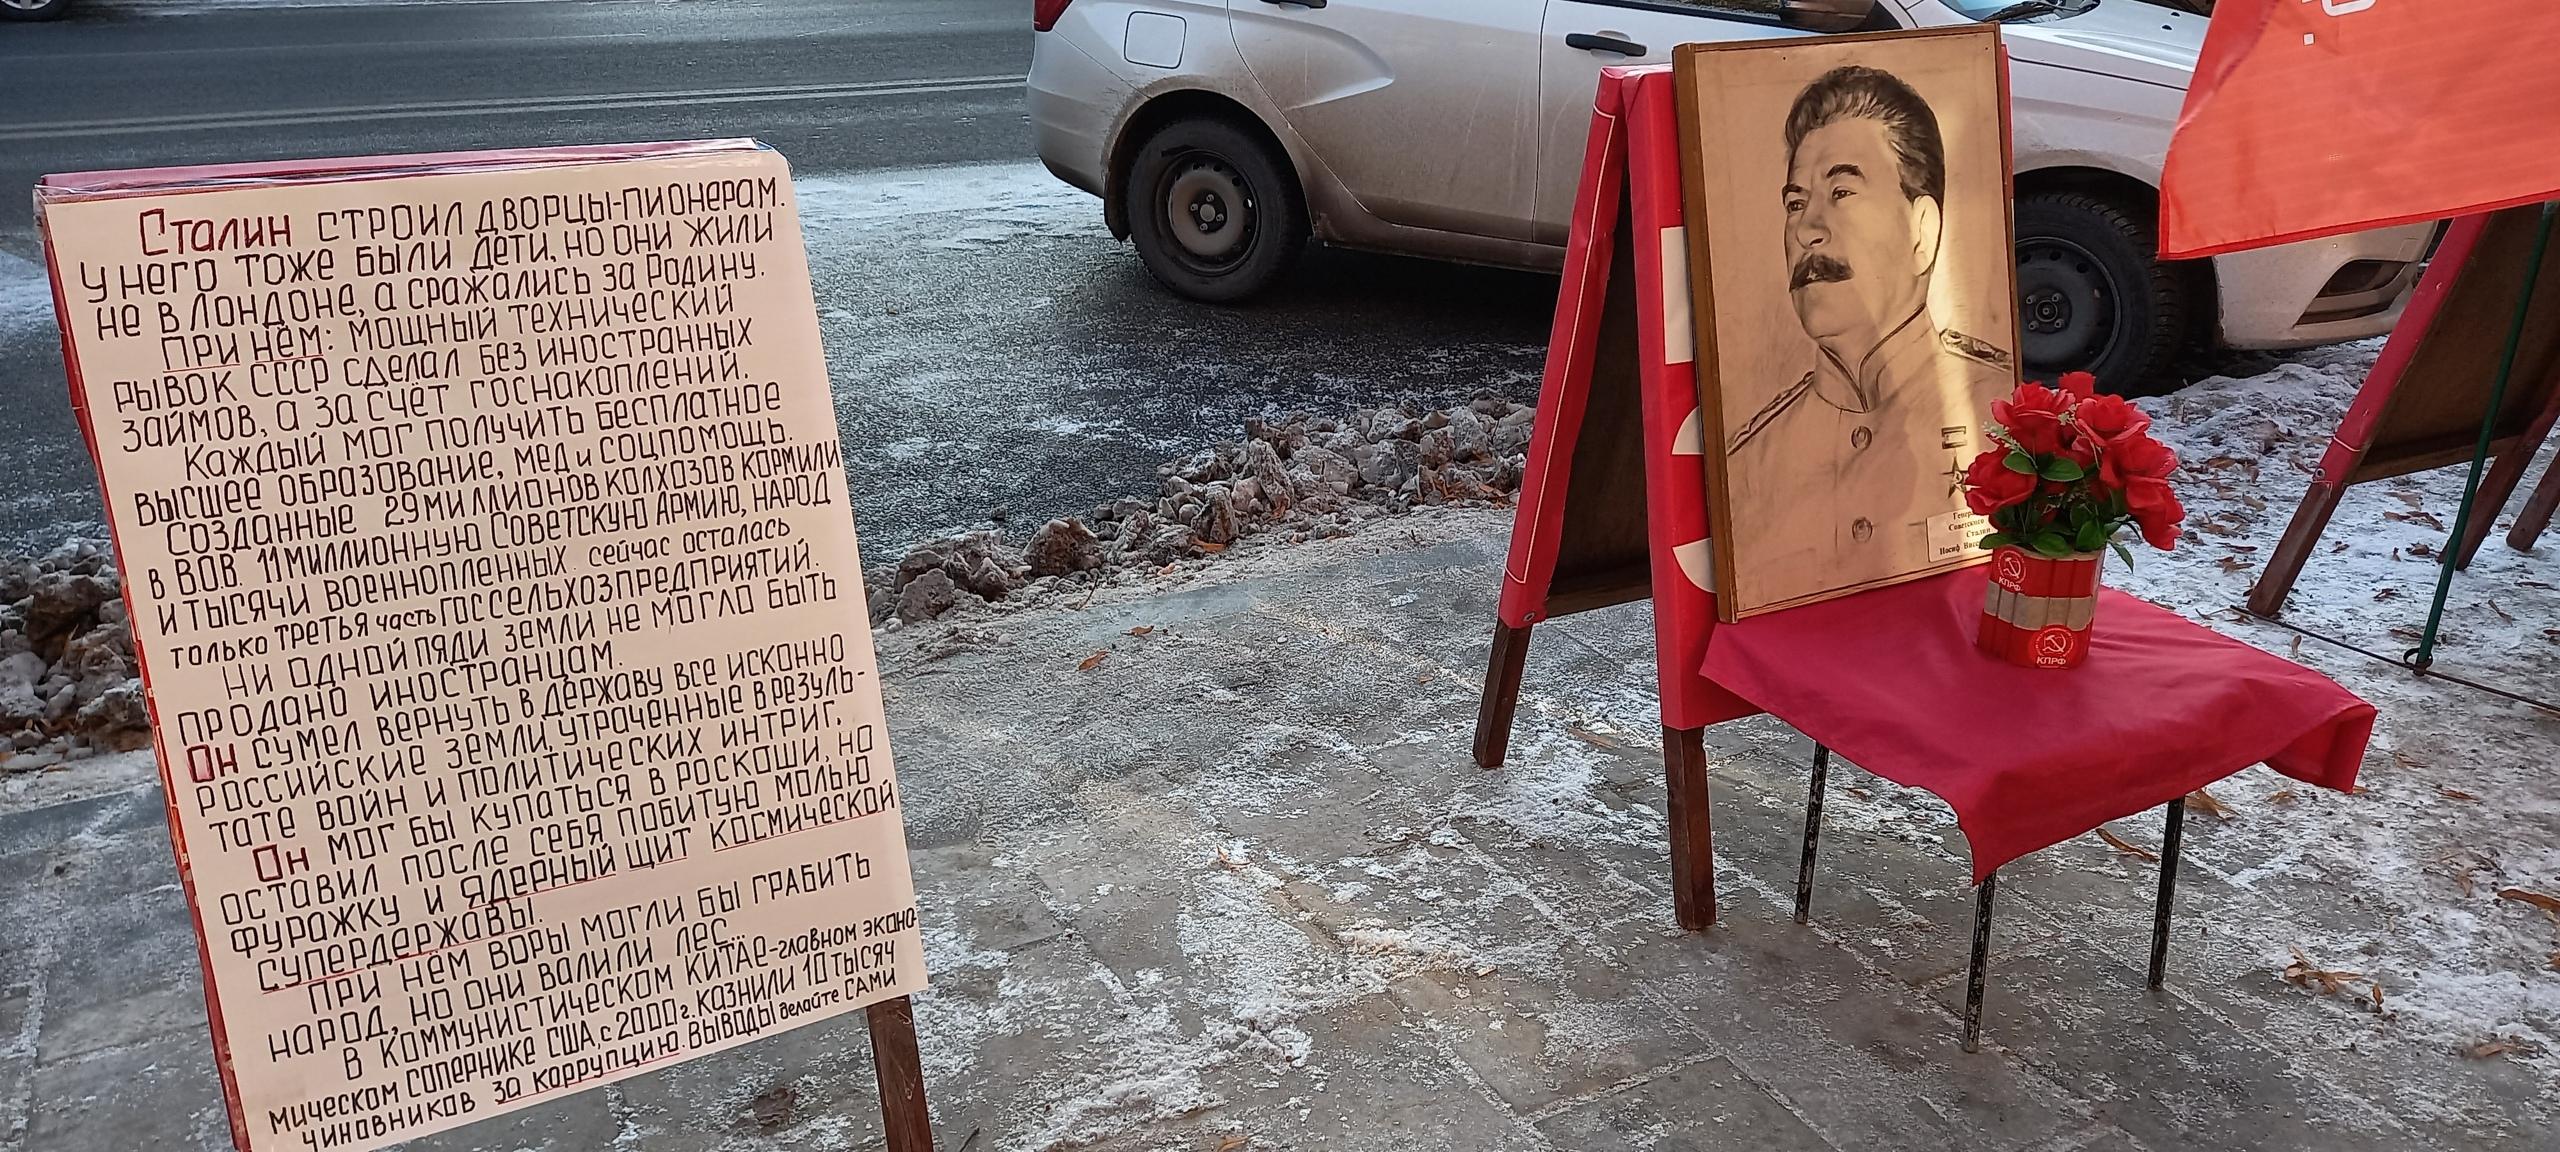 День Рождения Сталина в Сызрани 2020